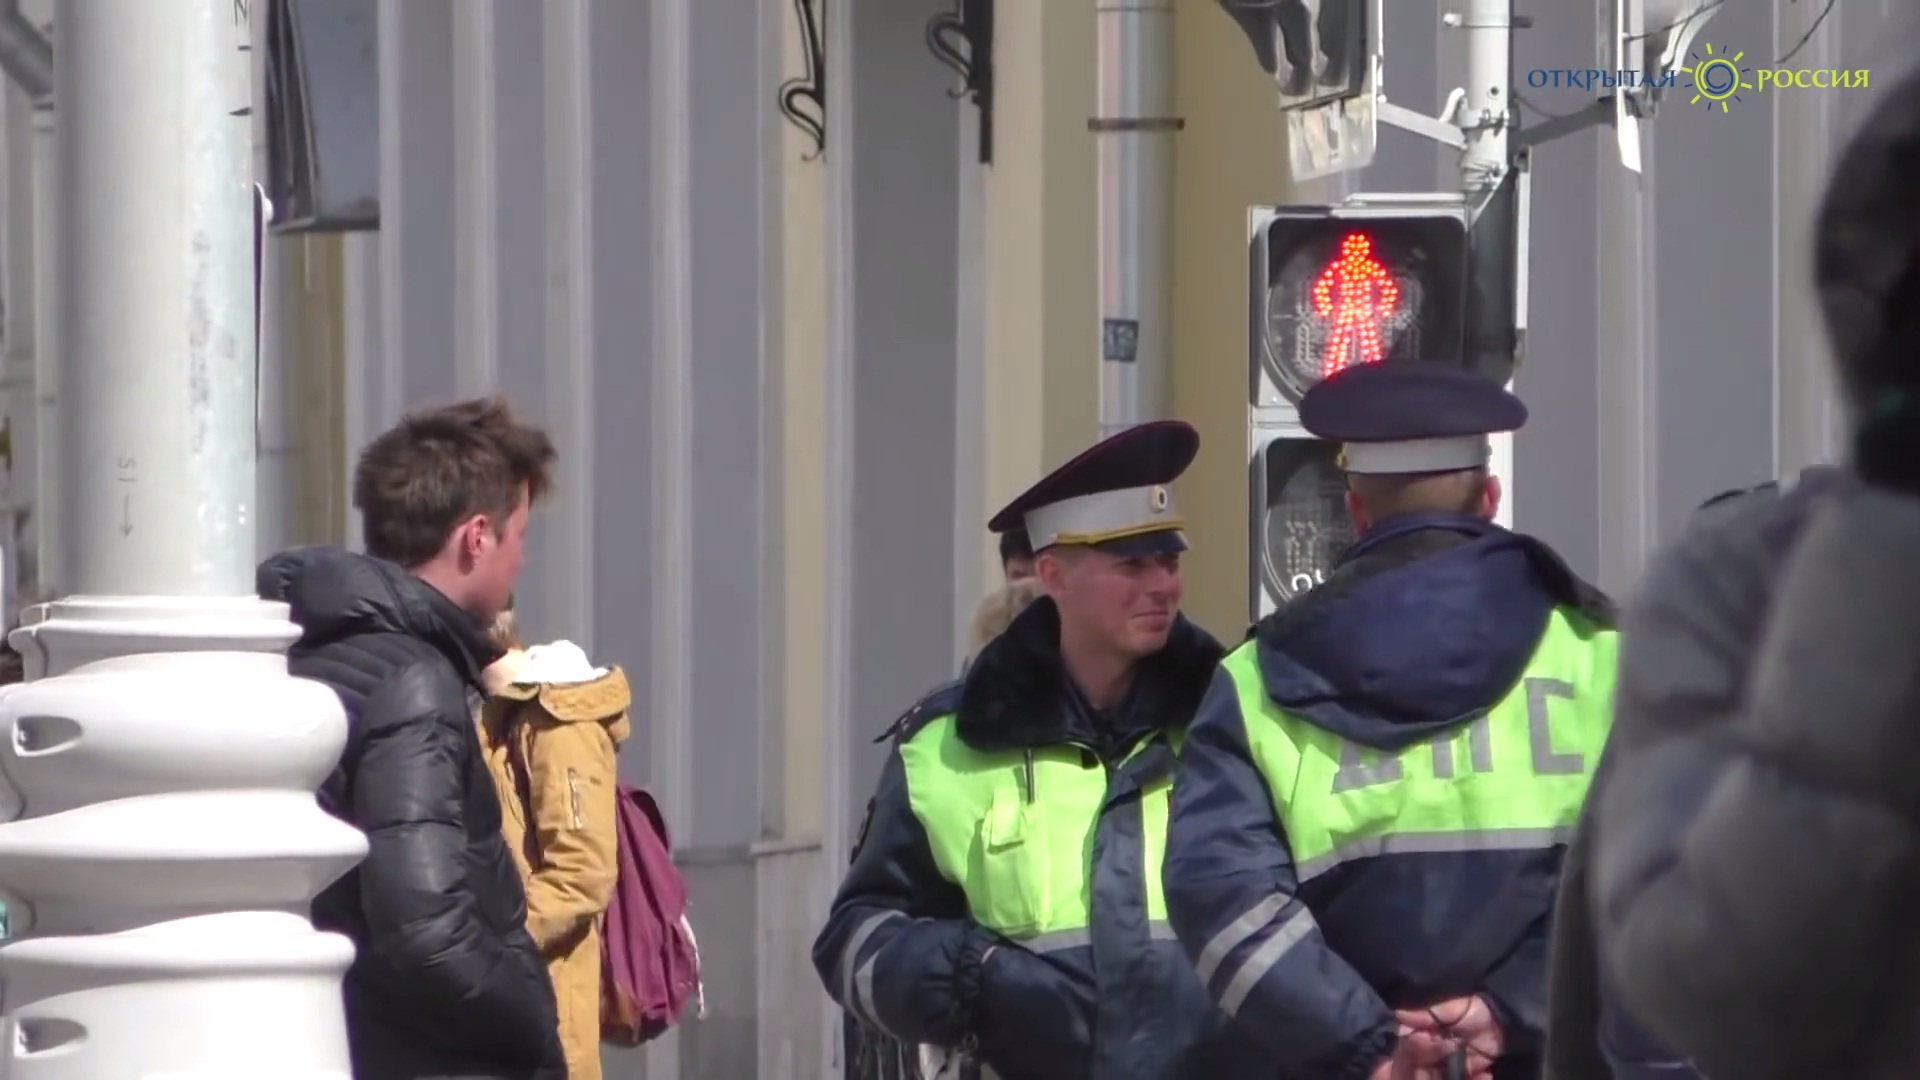 """Мега популярный тролинг москвичей """"Че там у хохлов?"""" (ВИДЕО)"""